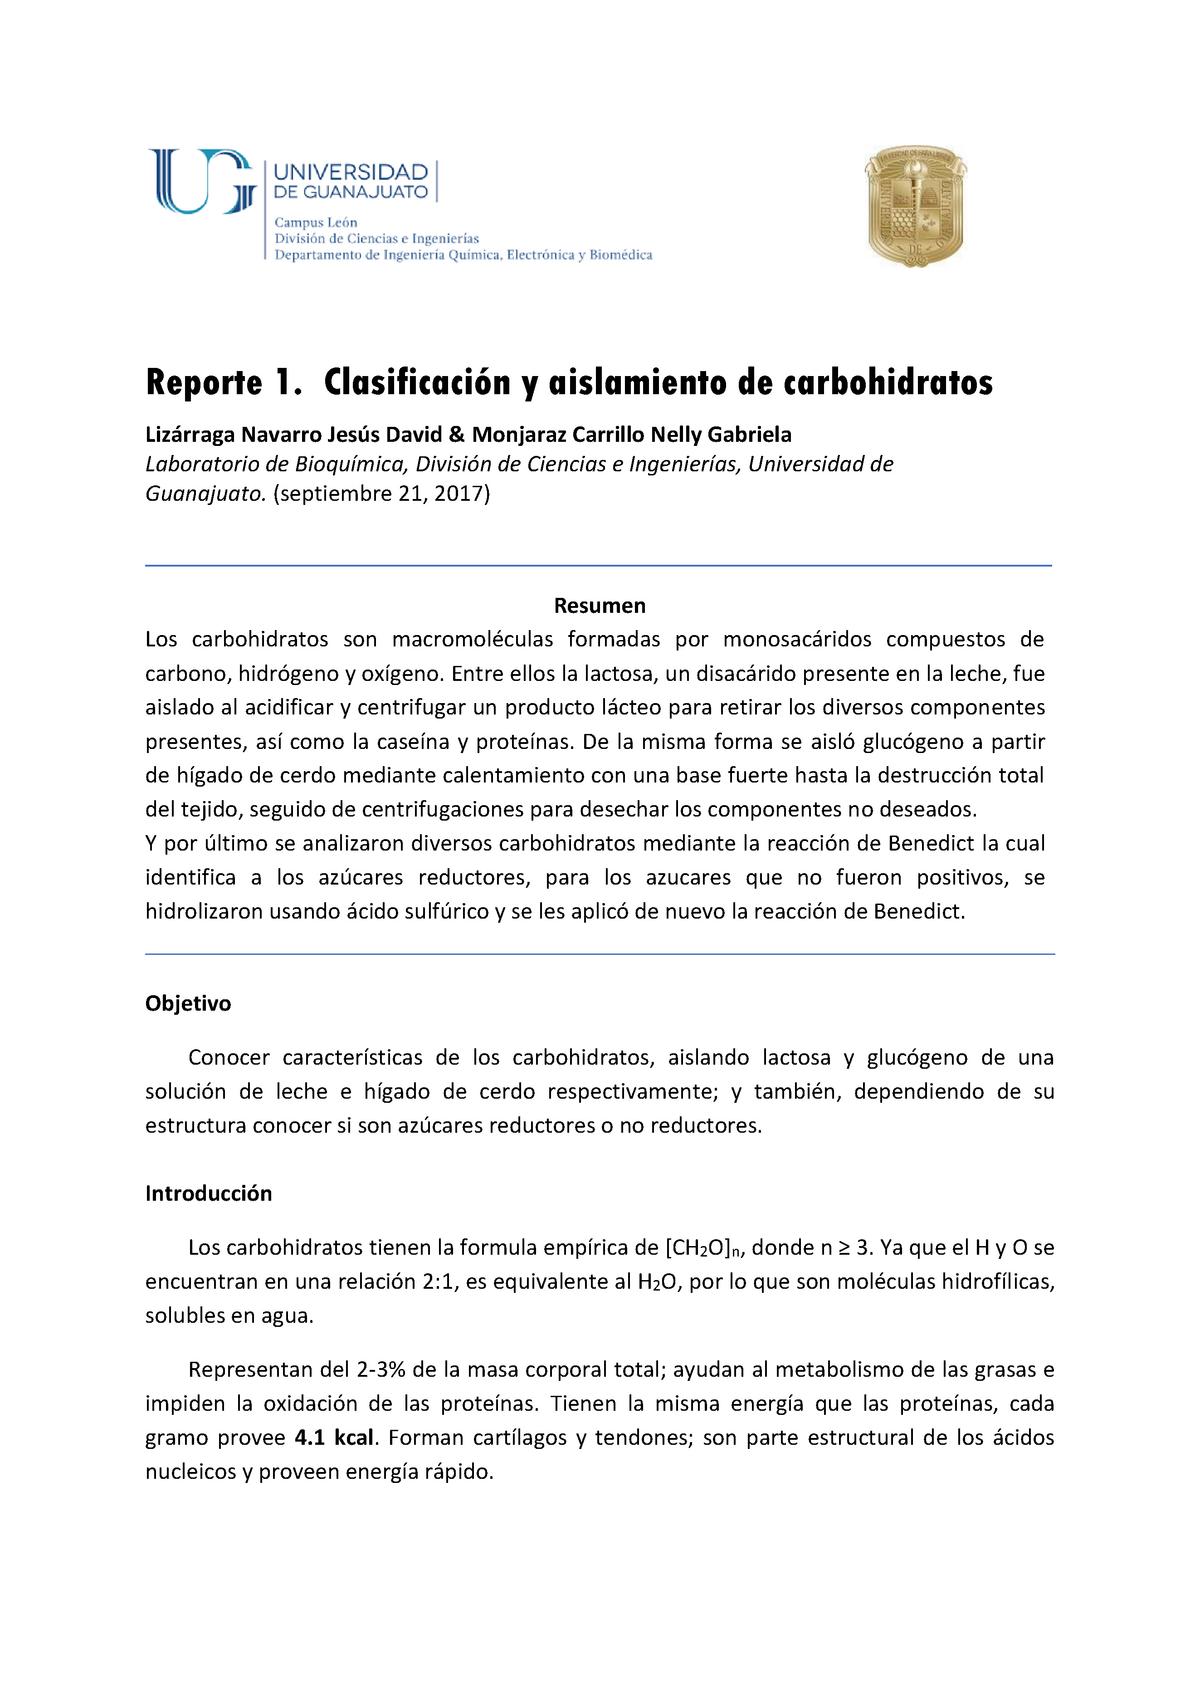 Carbohidratos Reporte 1 Bioquímica Scli06005 Ug Studocu